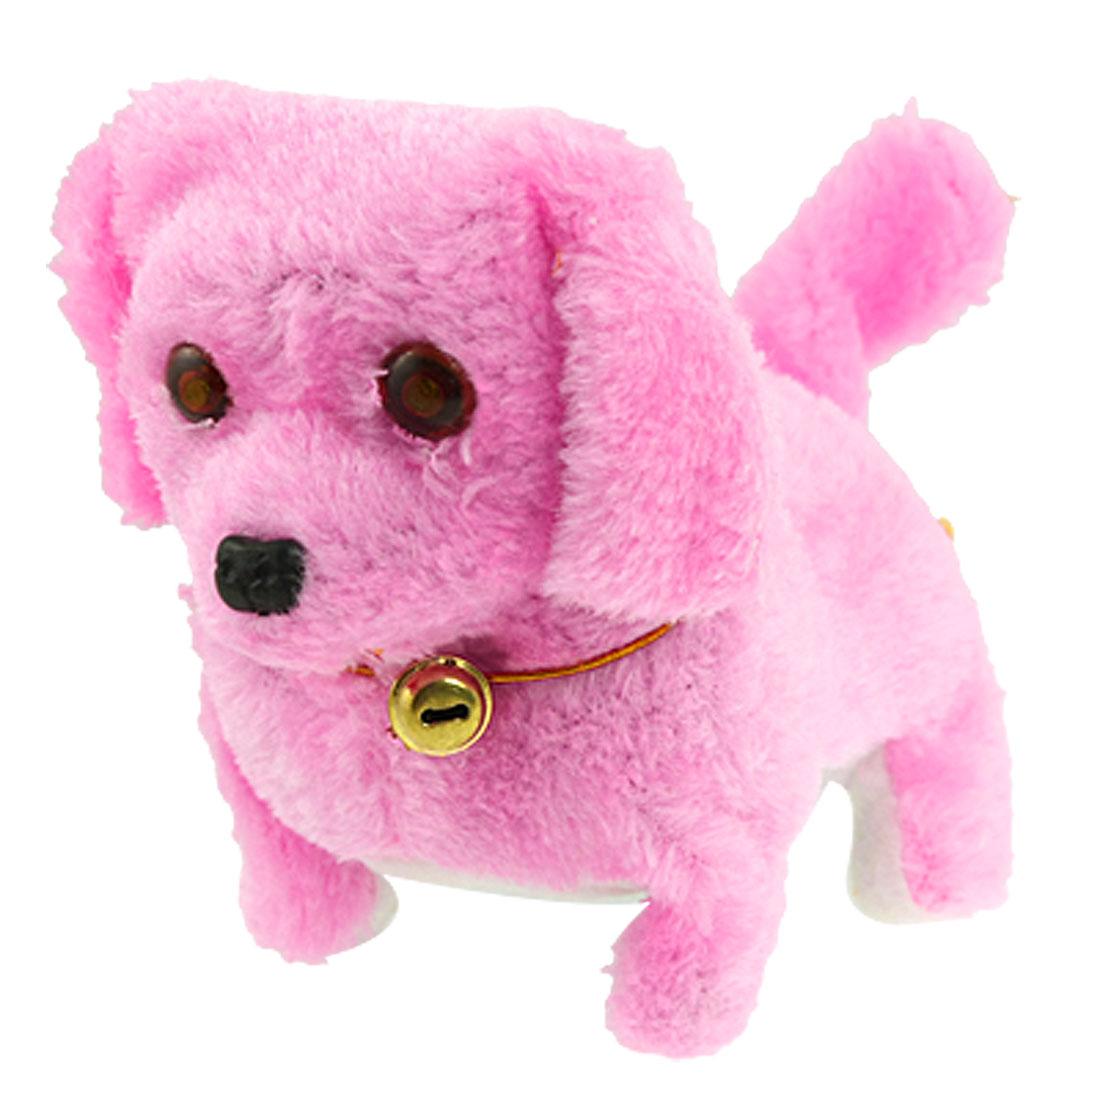 Pink Plush Neck Bell Walking Barking Electronic Dog Toy Gift